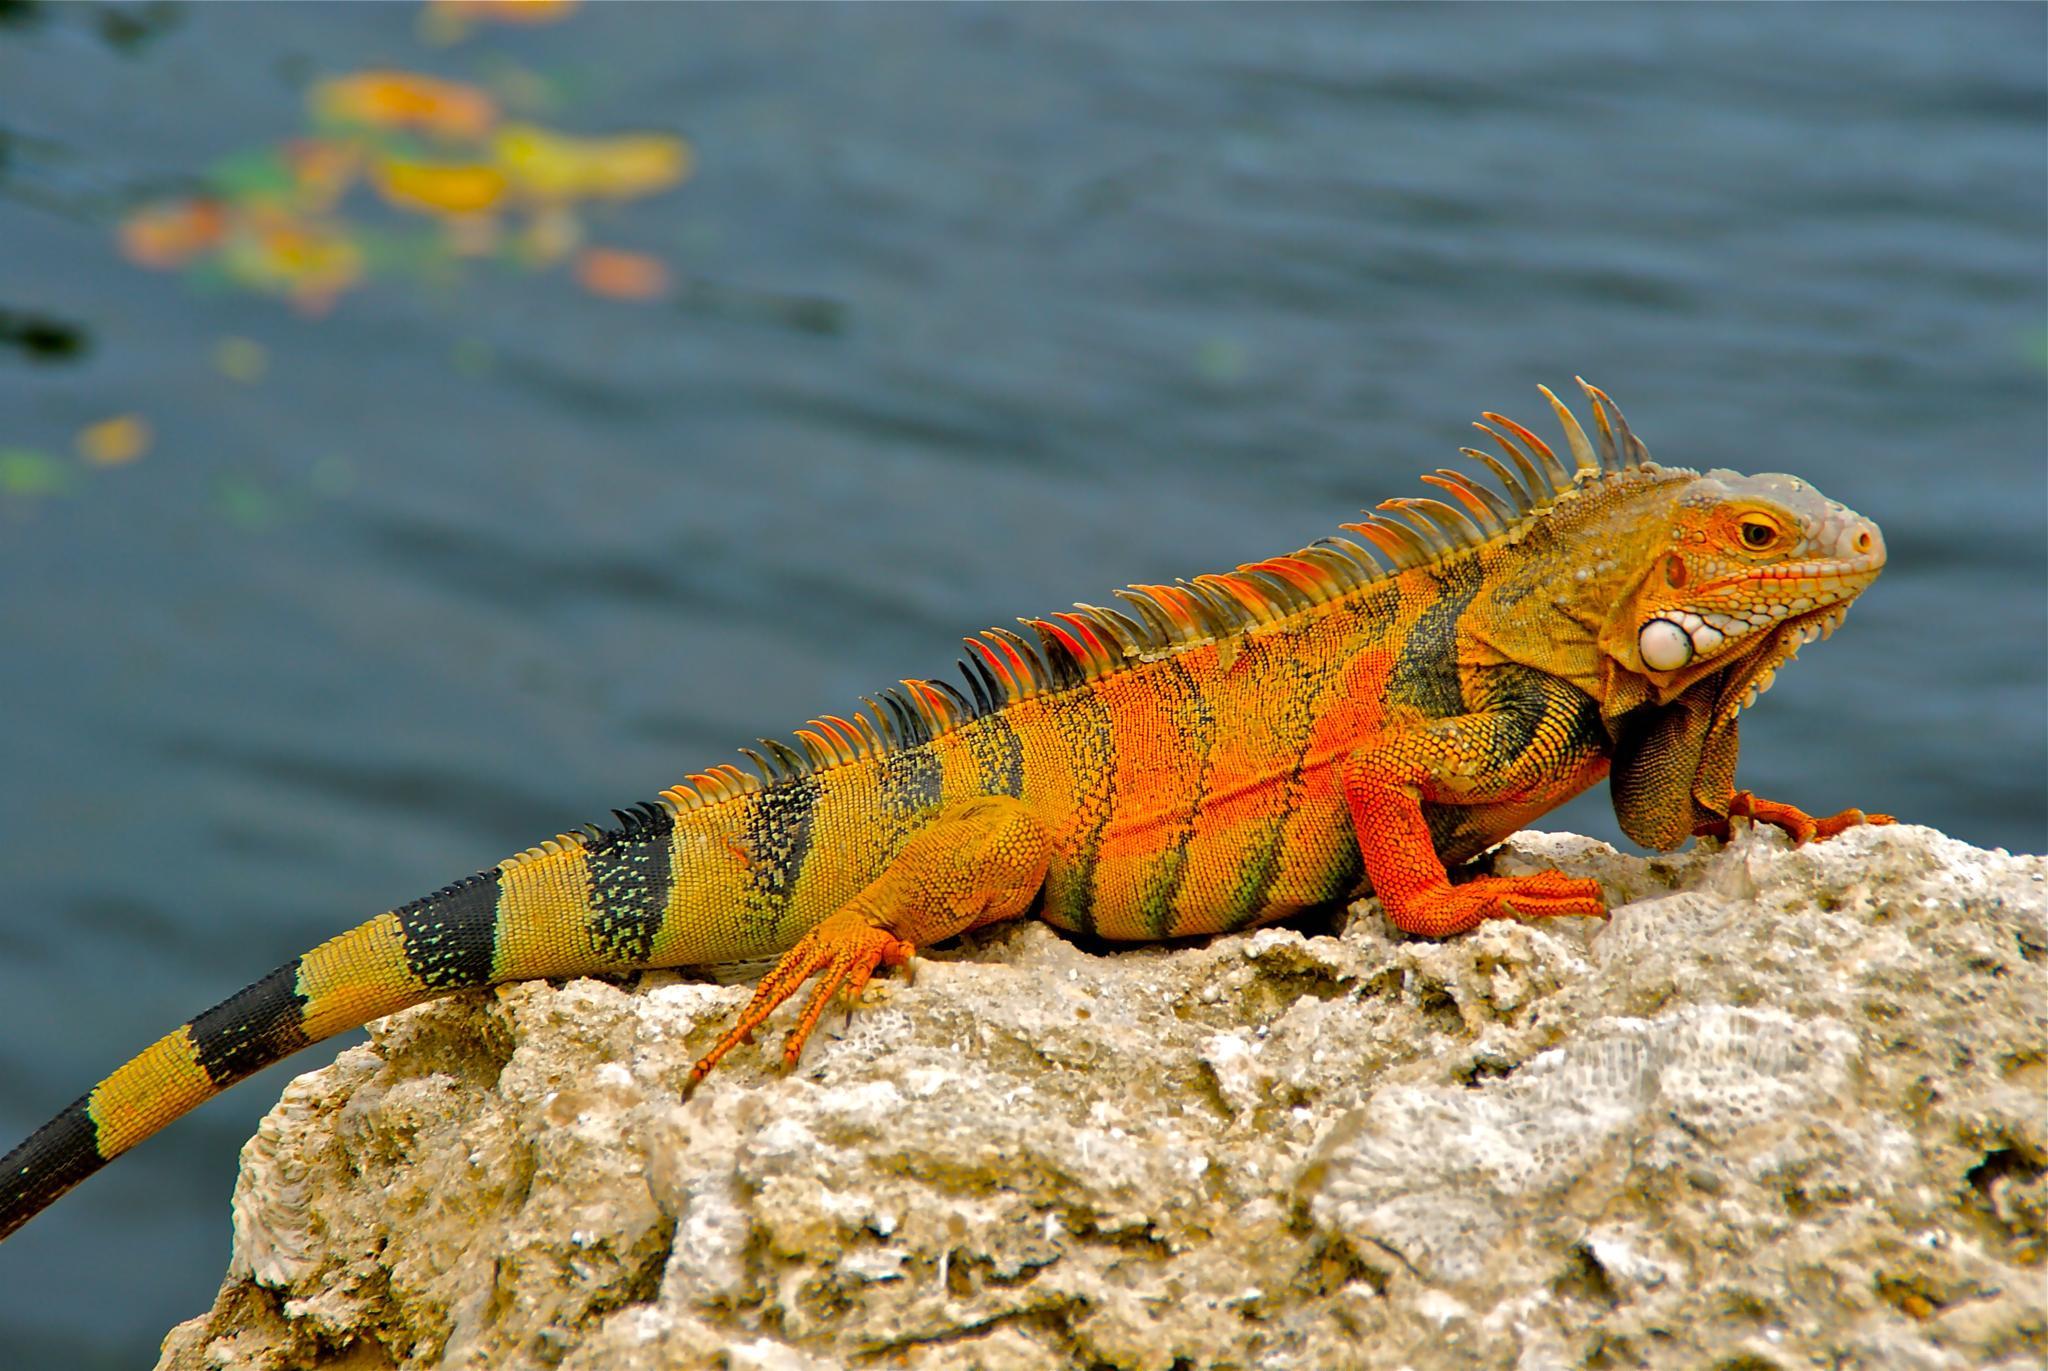 Resting Lizard by Gibby911